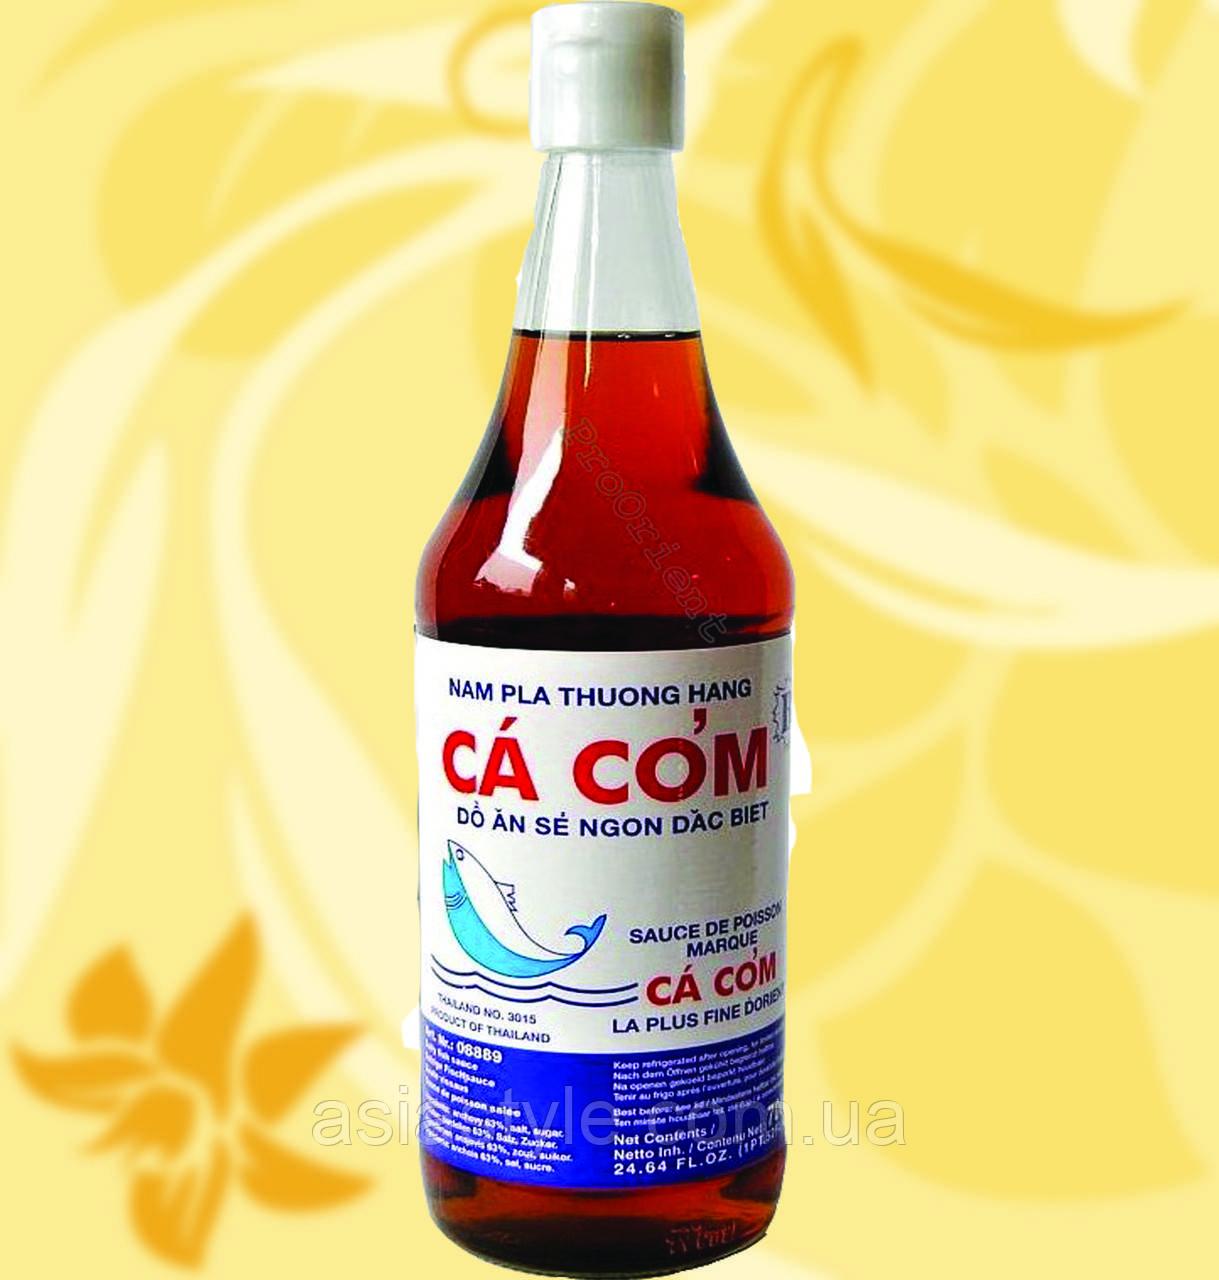 Рибний соус, NAM PLA, Ca Com, Kat B, 700мл, Таїланд, Анчоус 66%, R